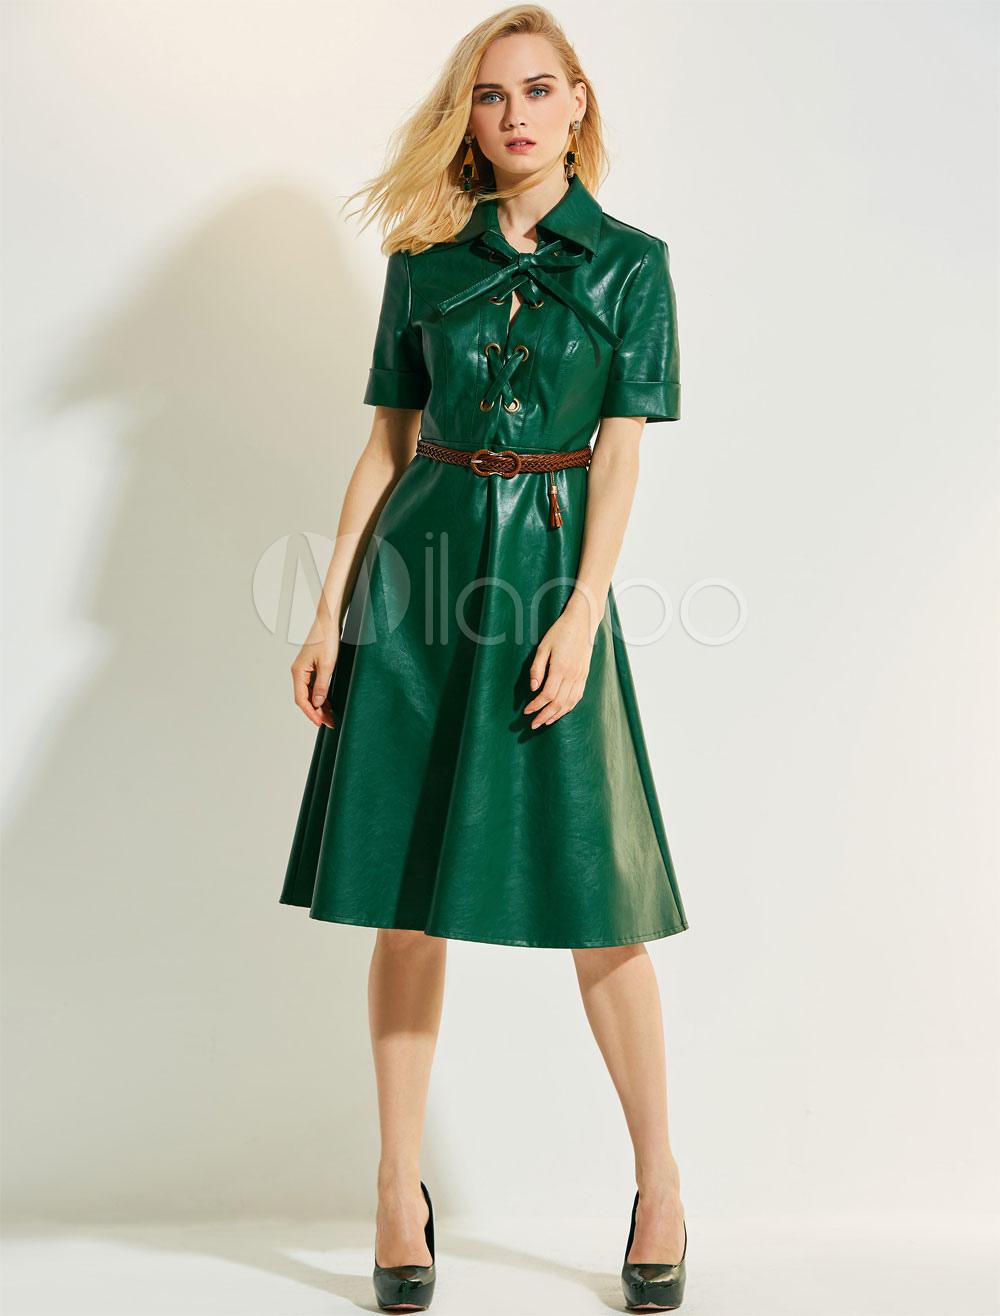 Women Vintage Dress Short Sleeve PU Turndown Collar Criss Cross Skater Dress